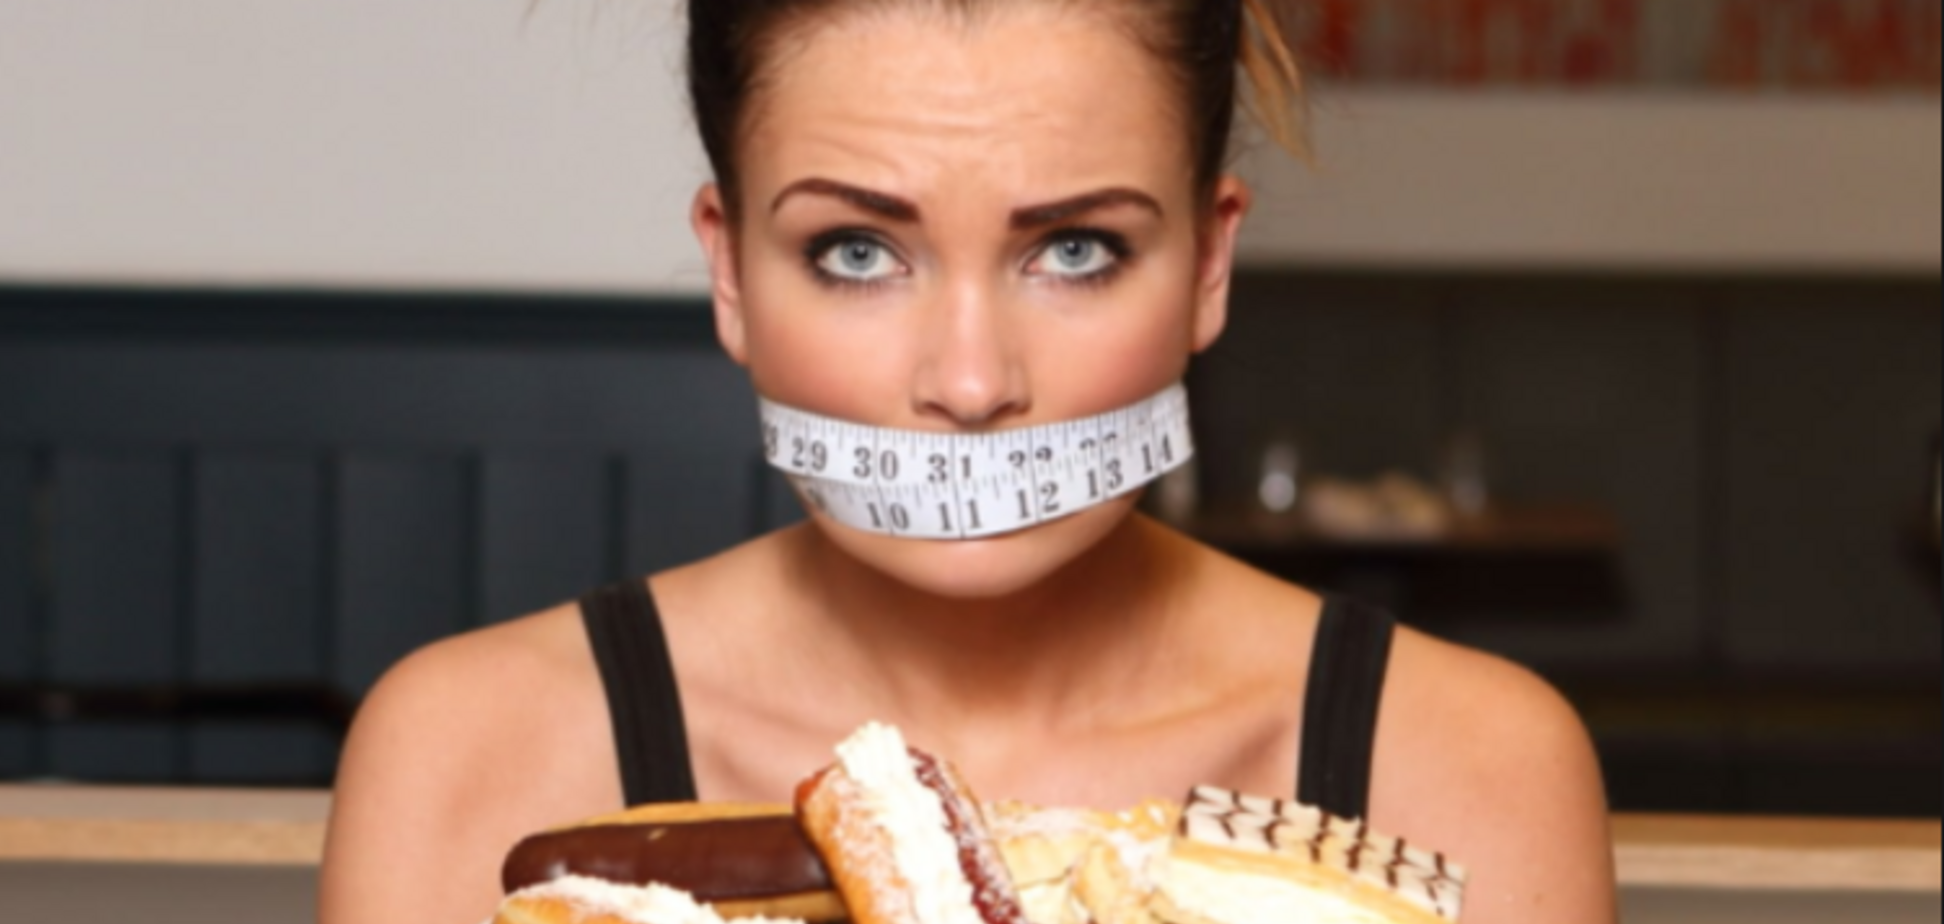 Названы популярные диеты, которые убивают организм